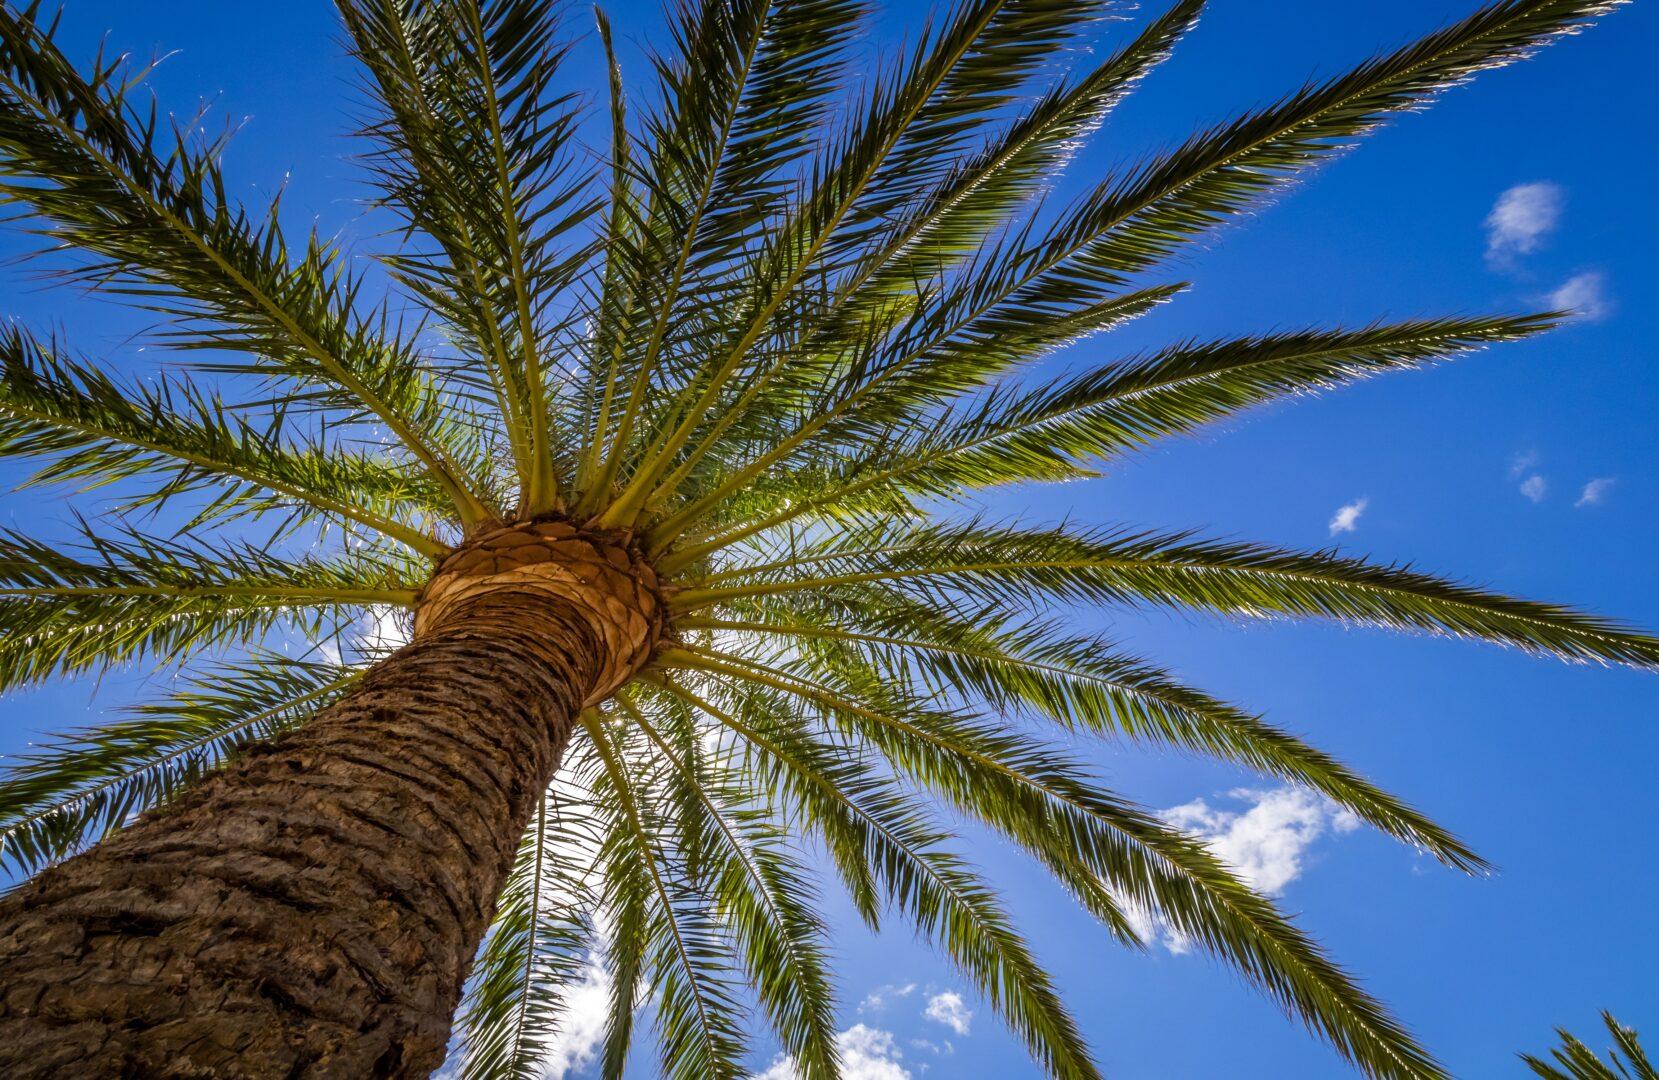 Poda palmera